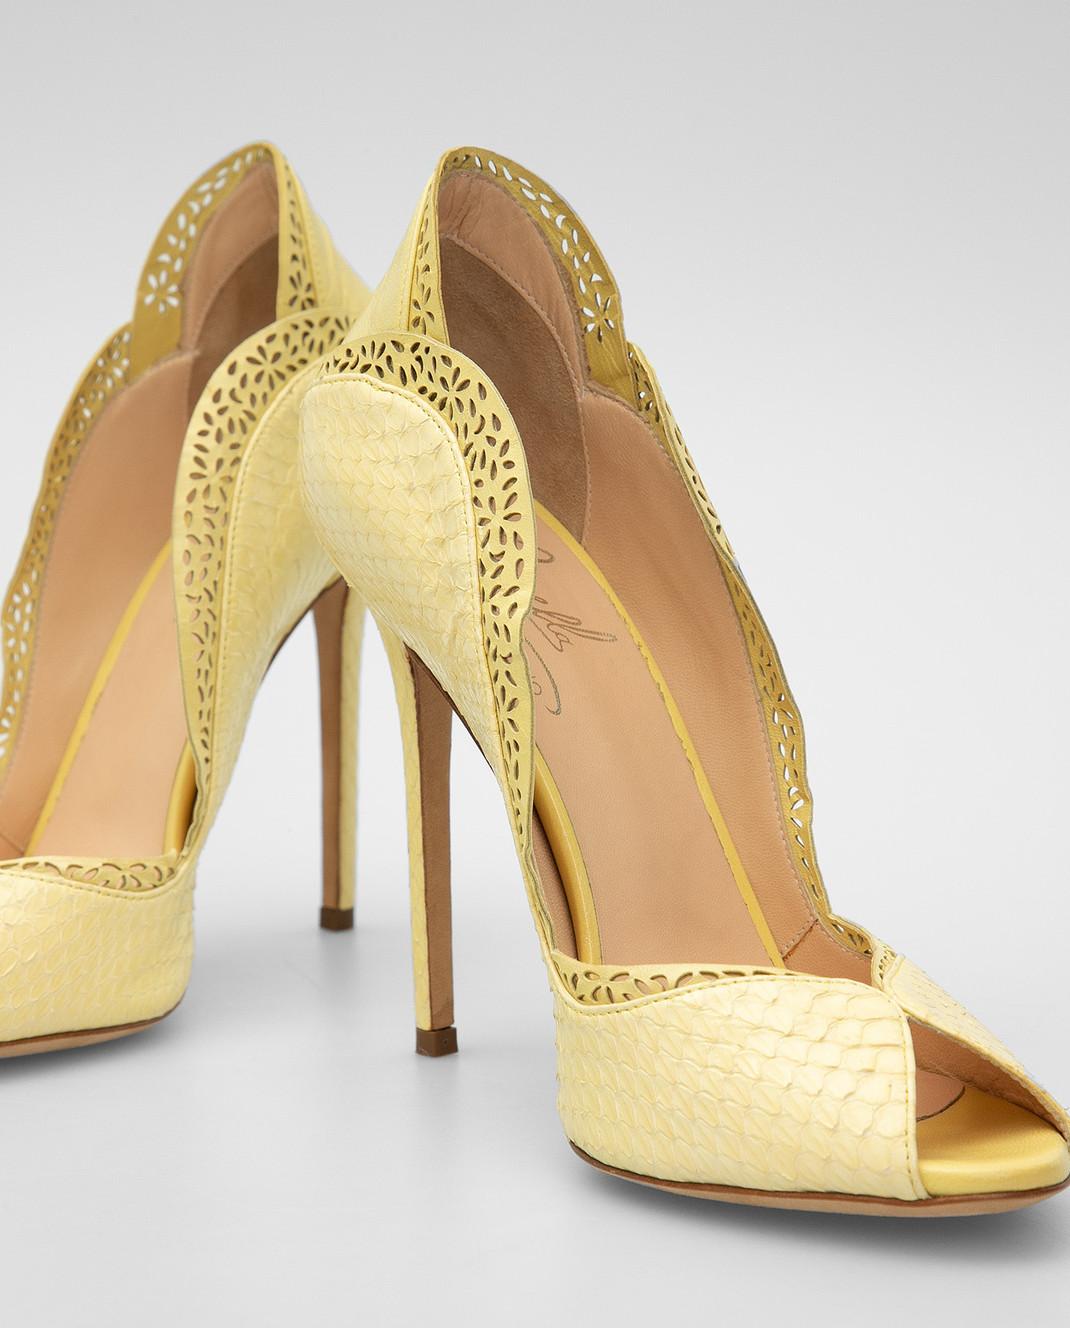 Cerasella Желтые туфли DANAEELAPHE4242 изображение 5